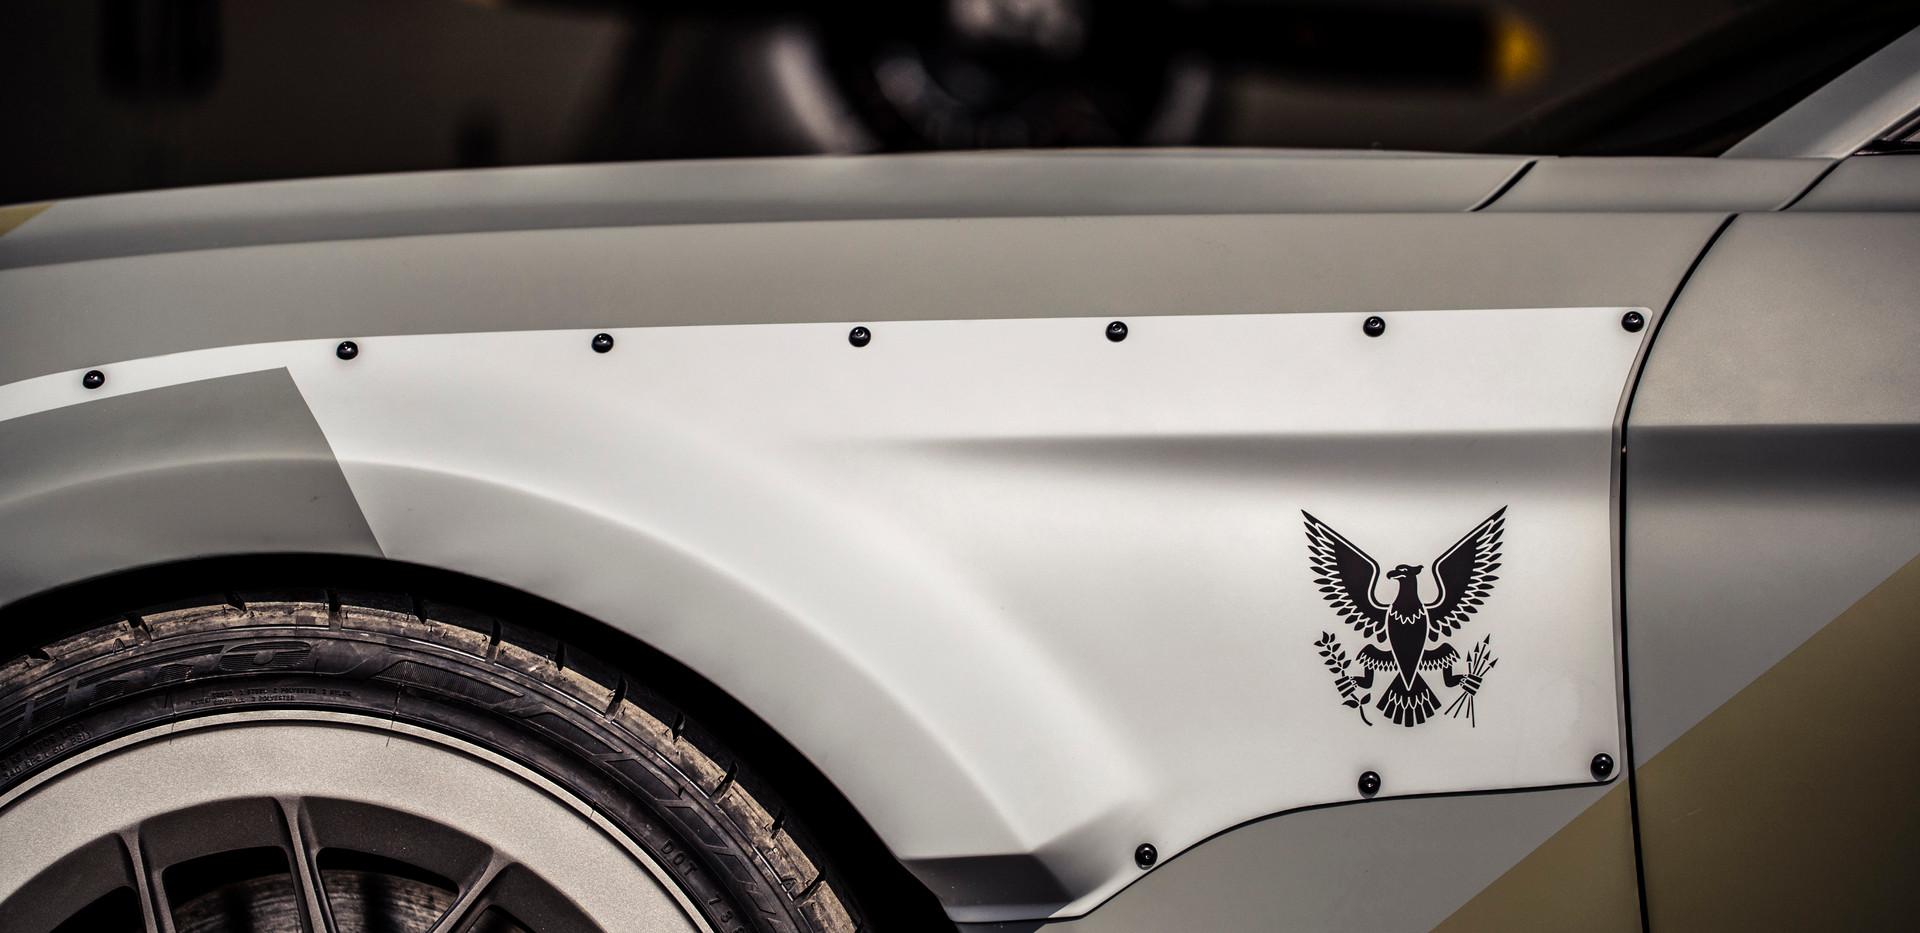 0541_DG_Mustang_Spitfire.jpg